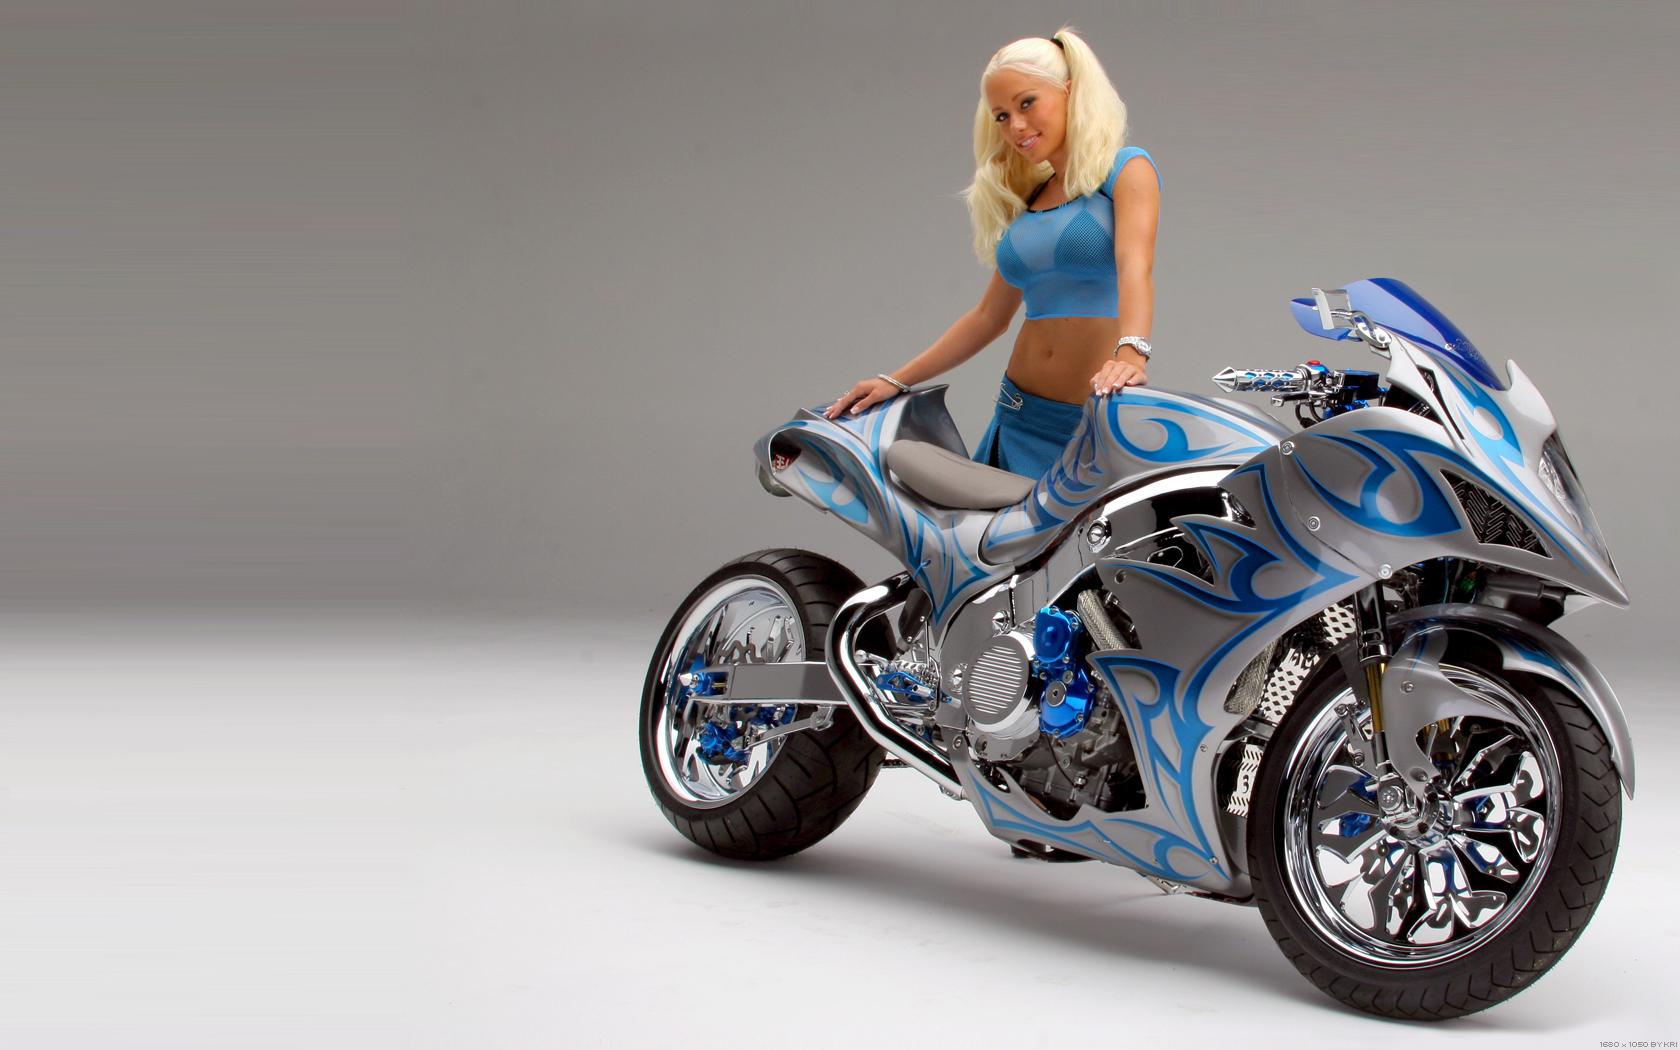 Обои для рабочего стола,девушка, мотоцикл, байк